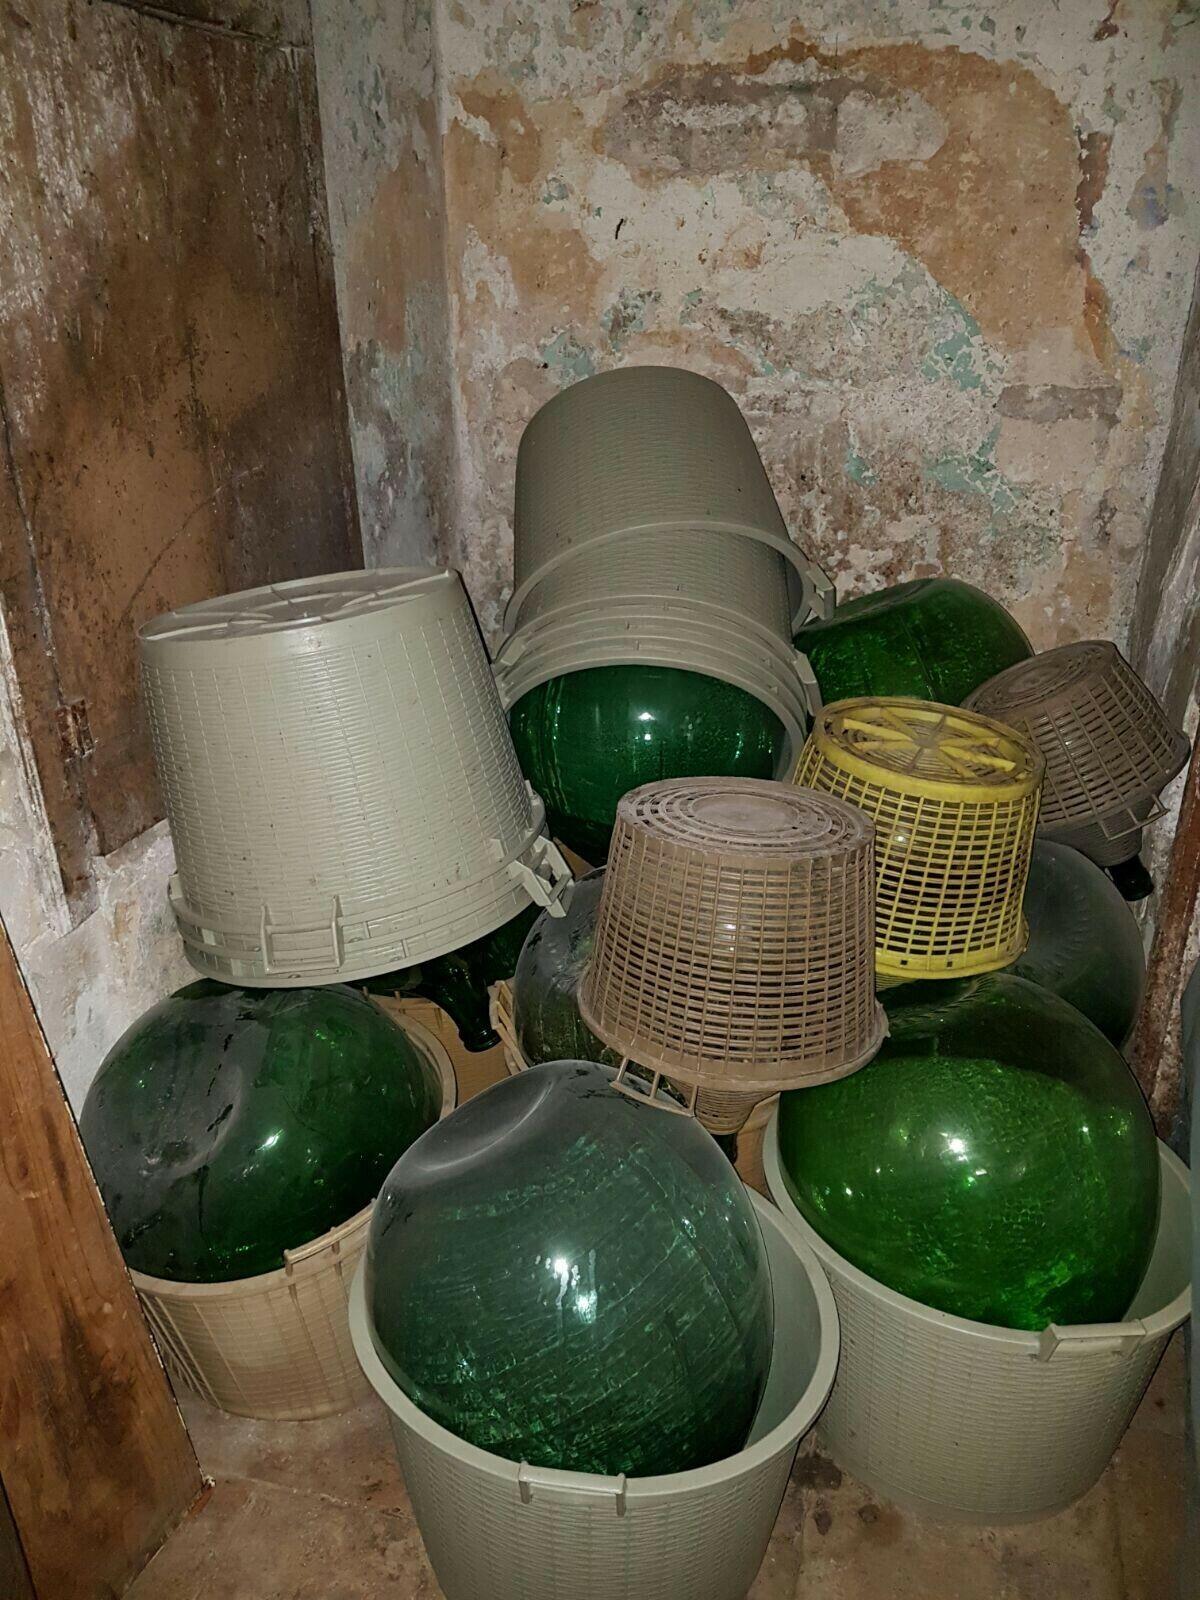 Arredare Con Le Damigiane damigiane - arredamento, mobili e accessori per la casa in